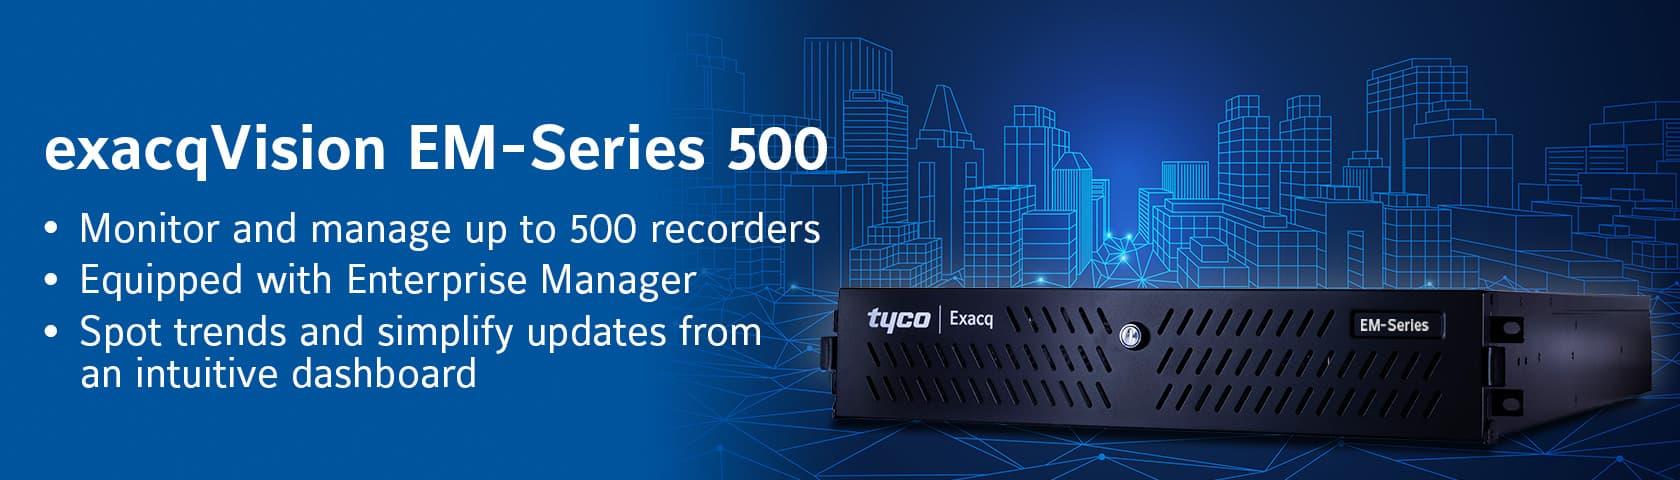 exacqVision EM Series 500